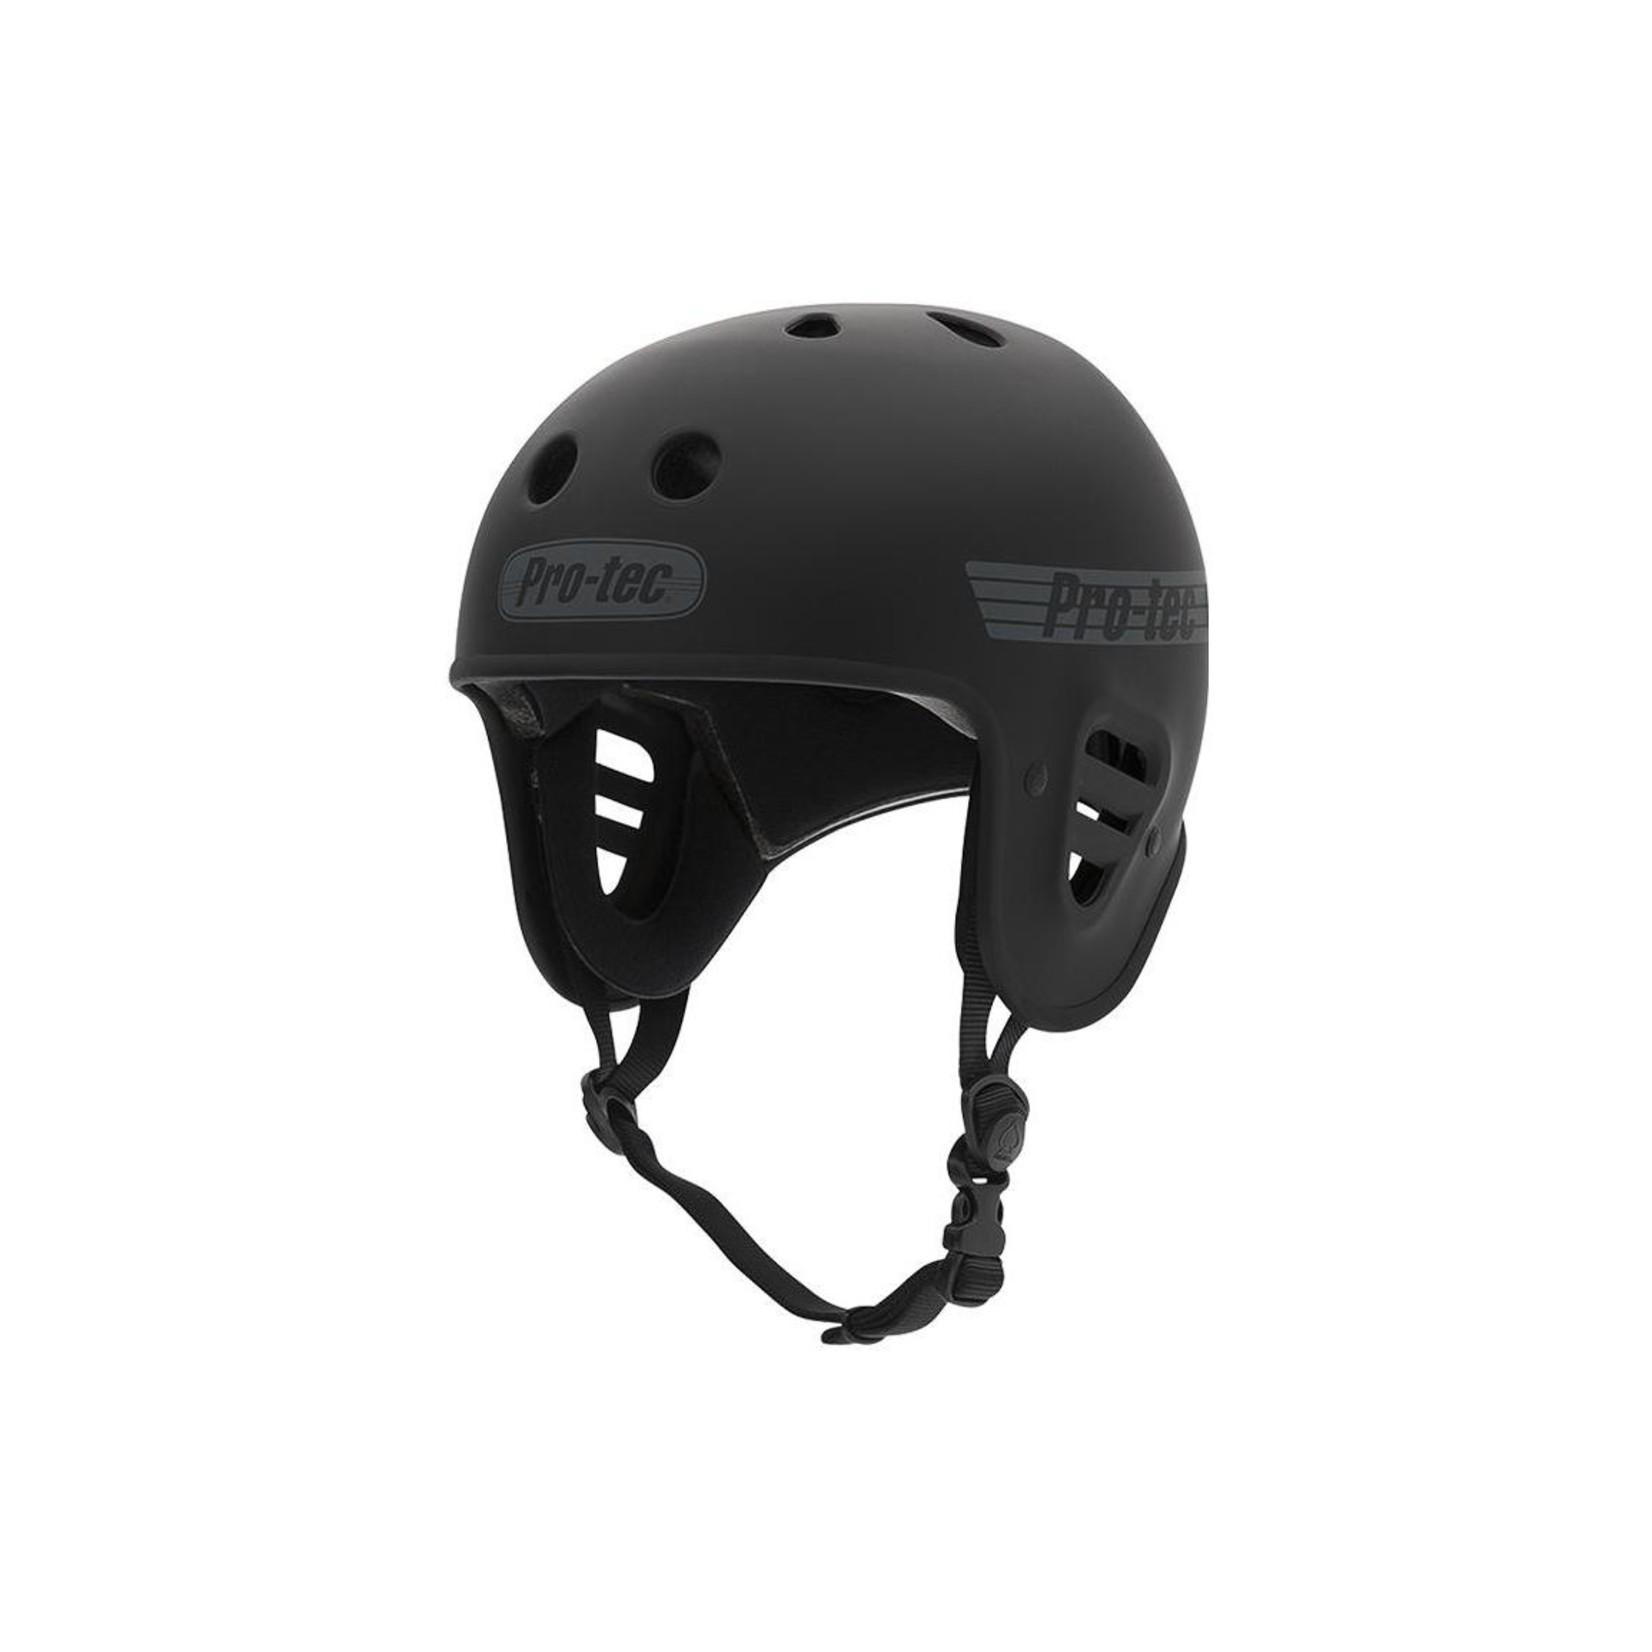 Pro-Tec Helmet - Pro-Tec Full Cut